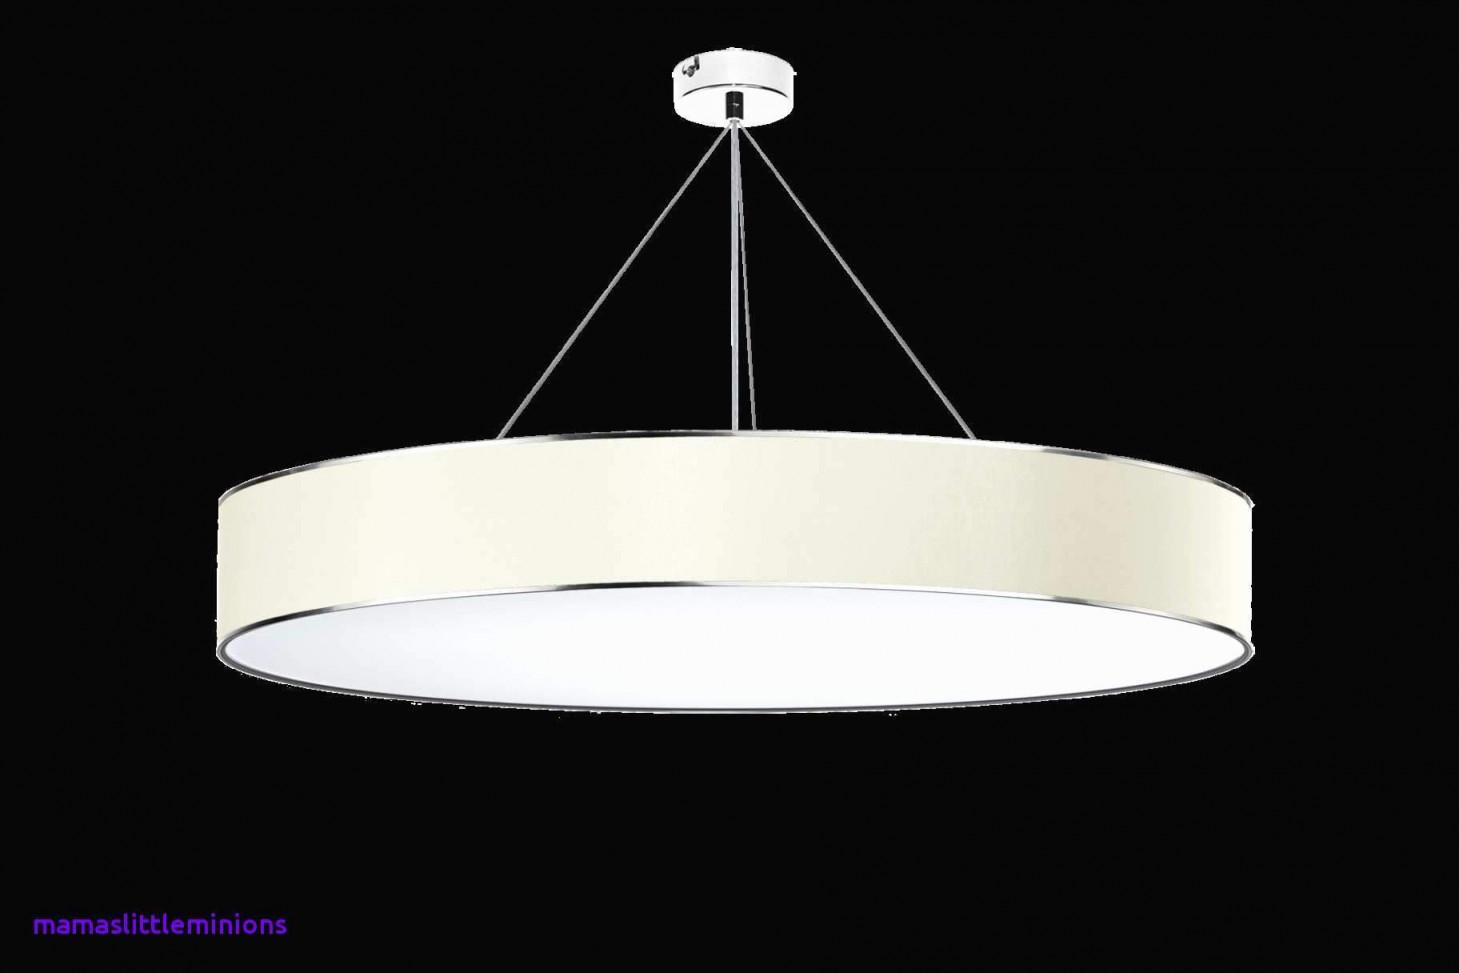 27 Genial Led Deckenleuchte Wohnzimmer Dimmbar Luxus von Wohnzimmer Deckenlampe Dimmbar Bild